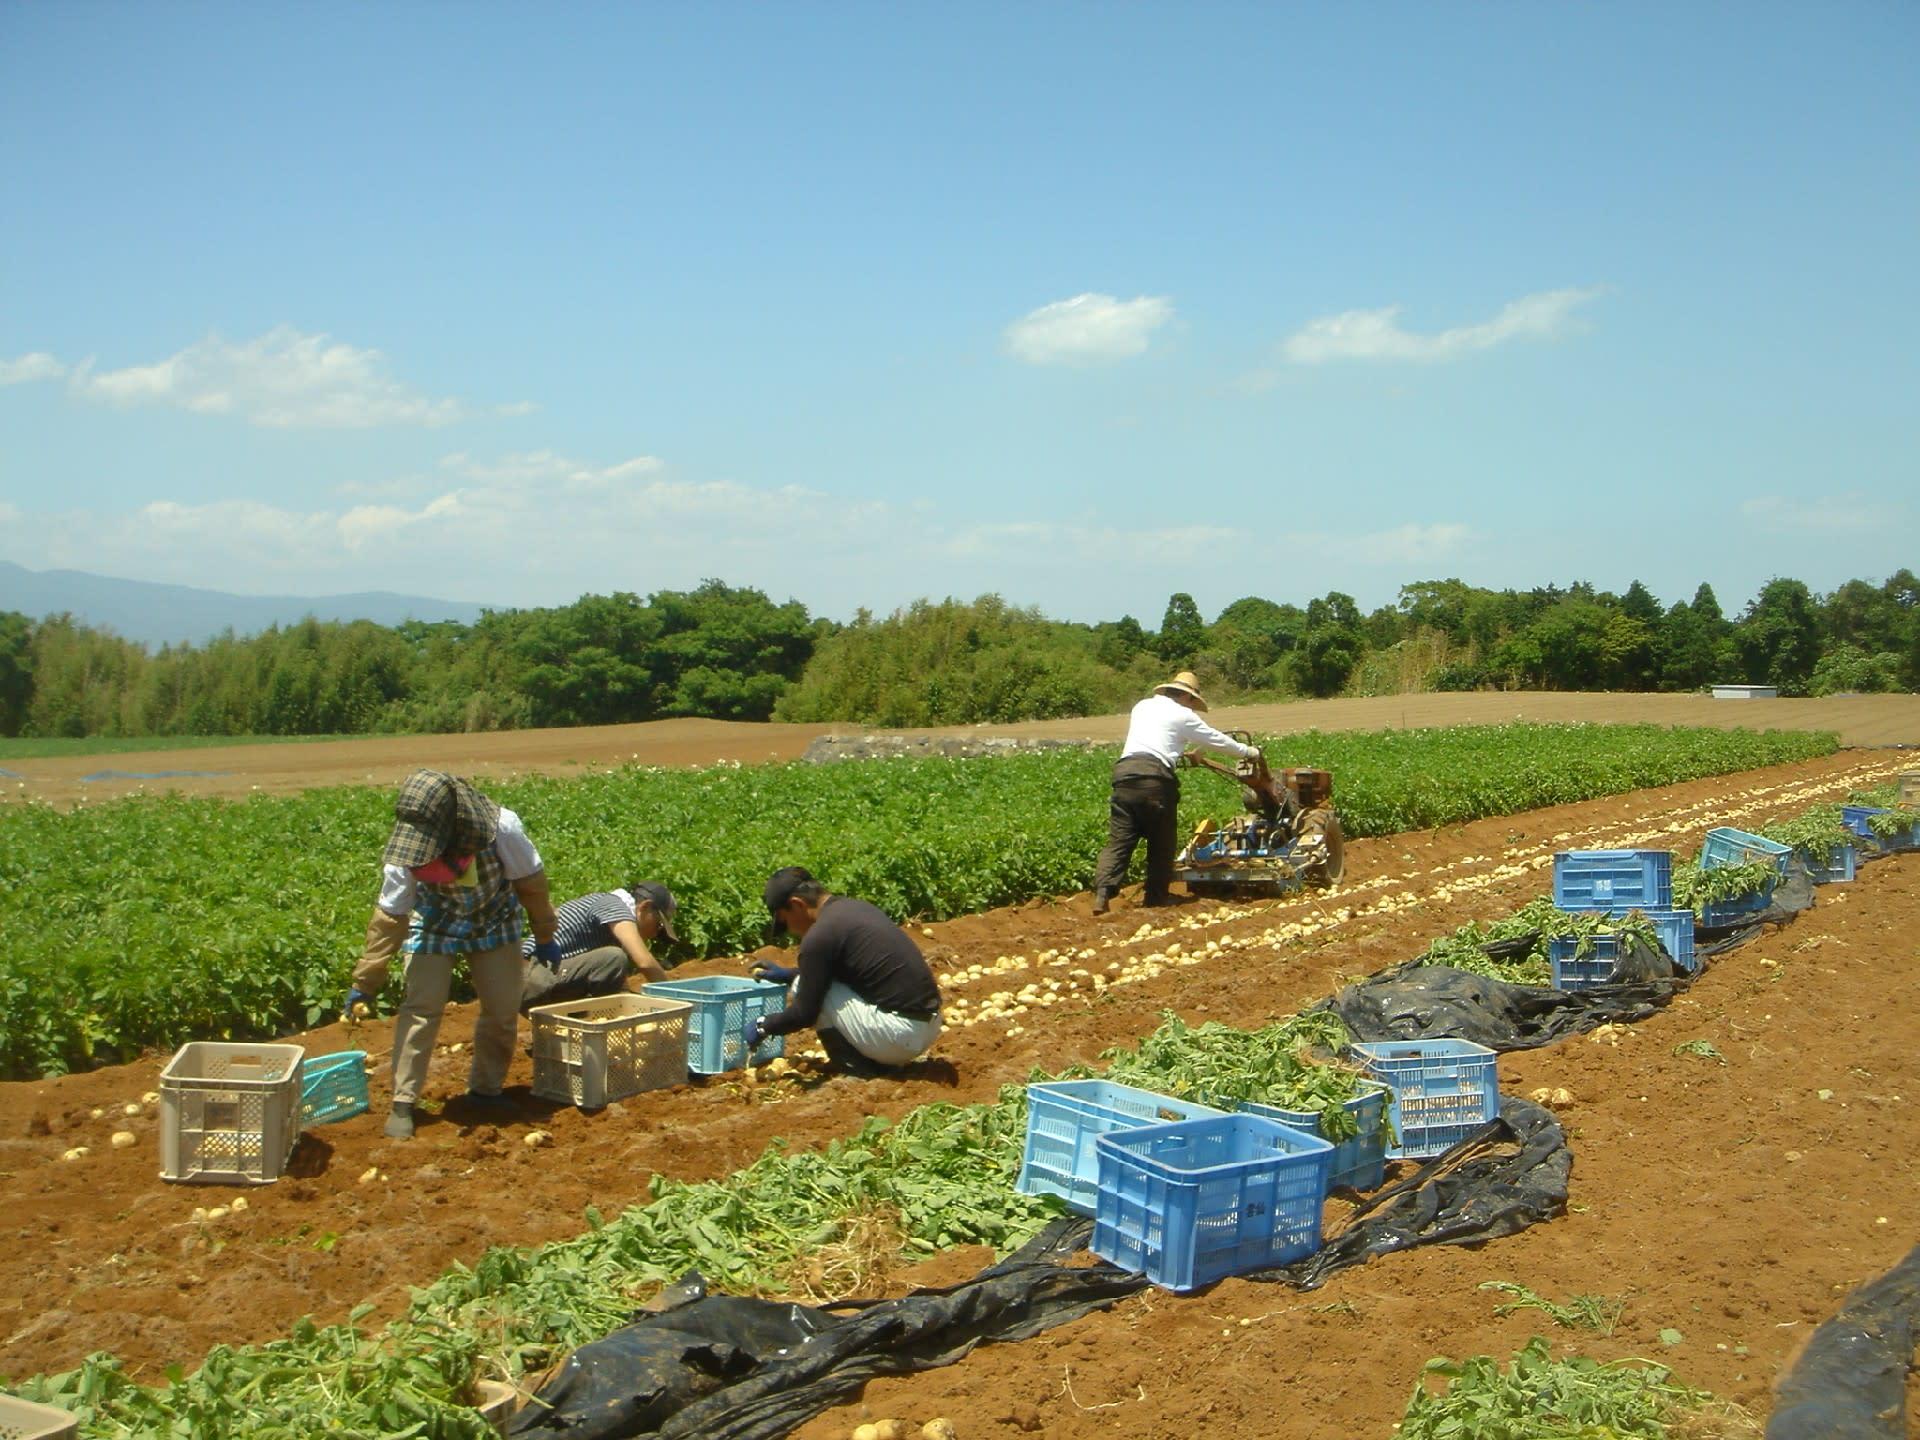 ――長崎にはジャガイモにまつわる歴史があったのですね。農業をはじめたきっかけはなんだったのでしょうか?